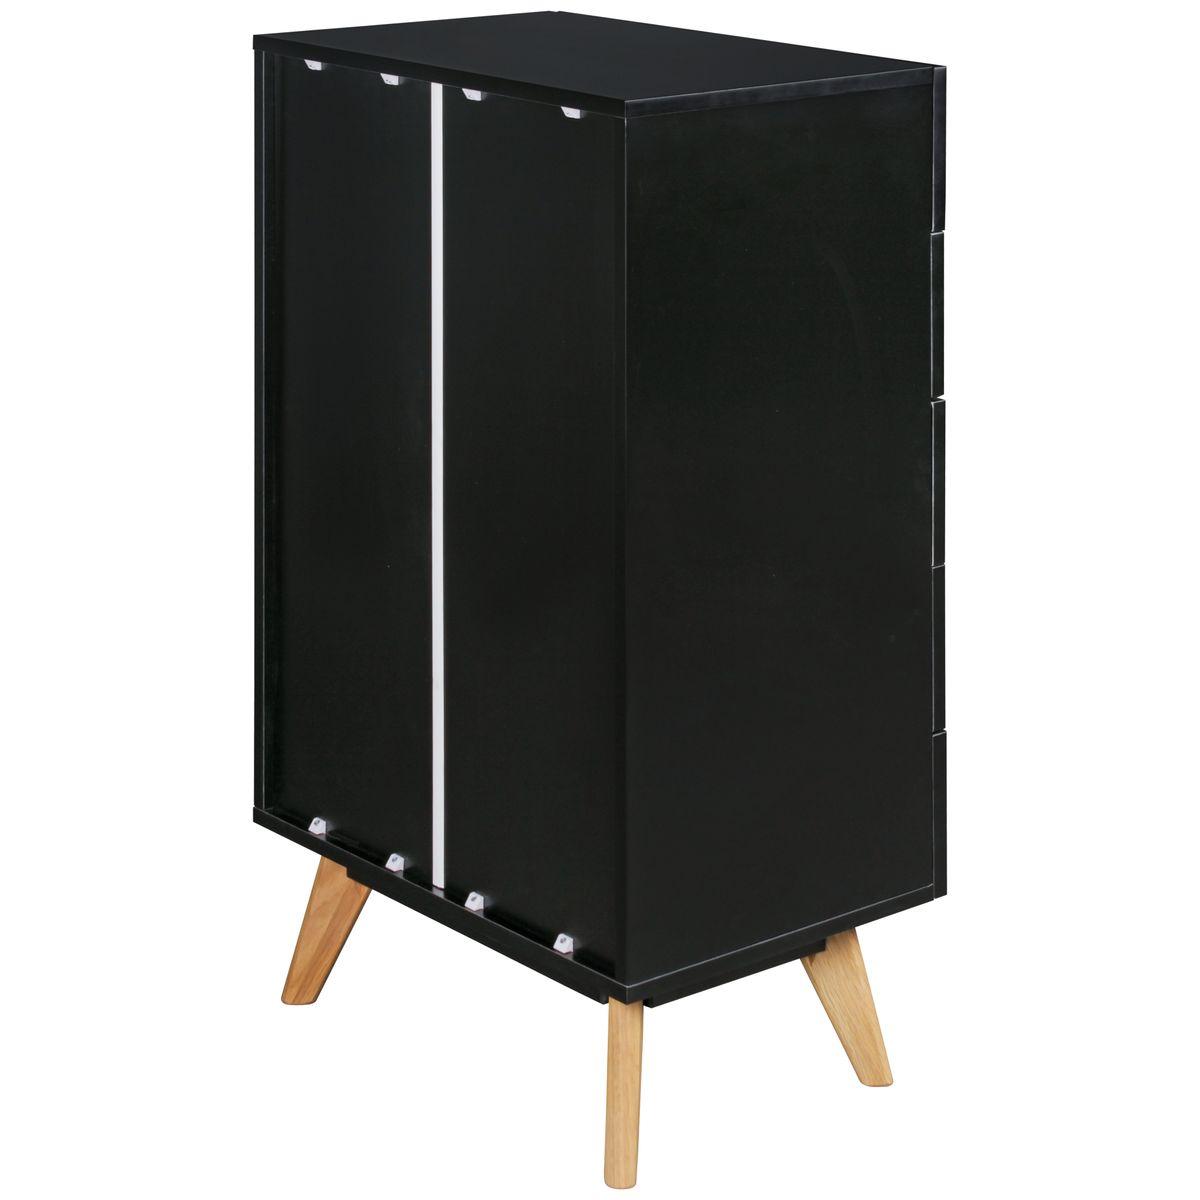 wohnling kommode scanio 60x110x40 cm mdf schwarz anrichte. Black Bedroom Furniture Sets. Home Design Ideas